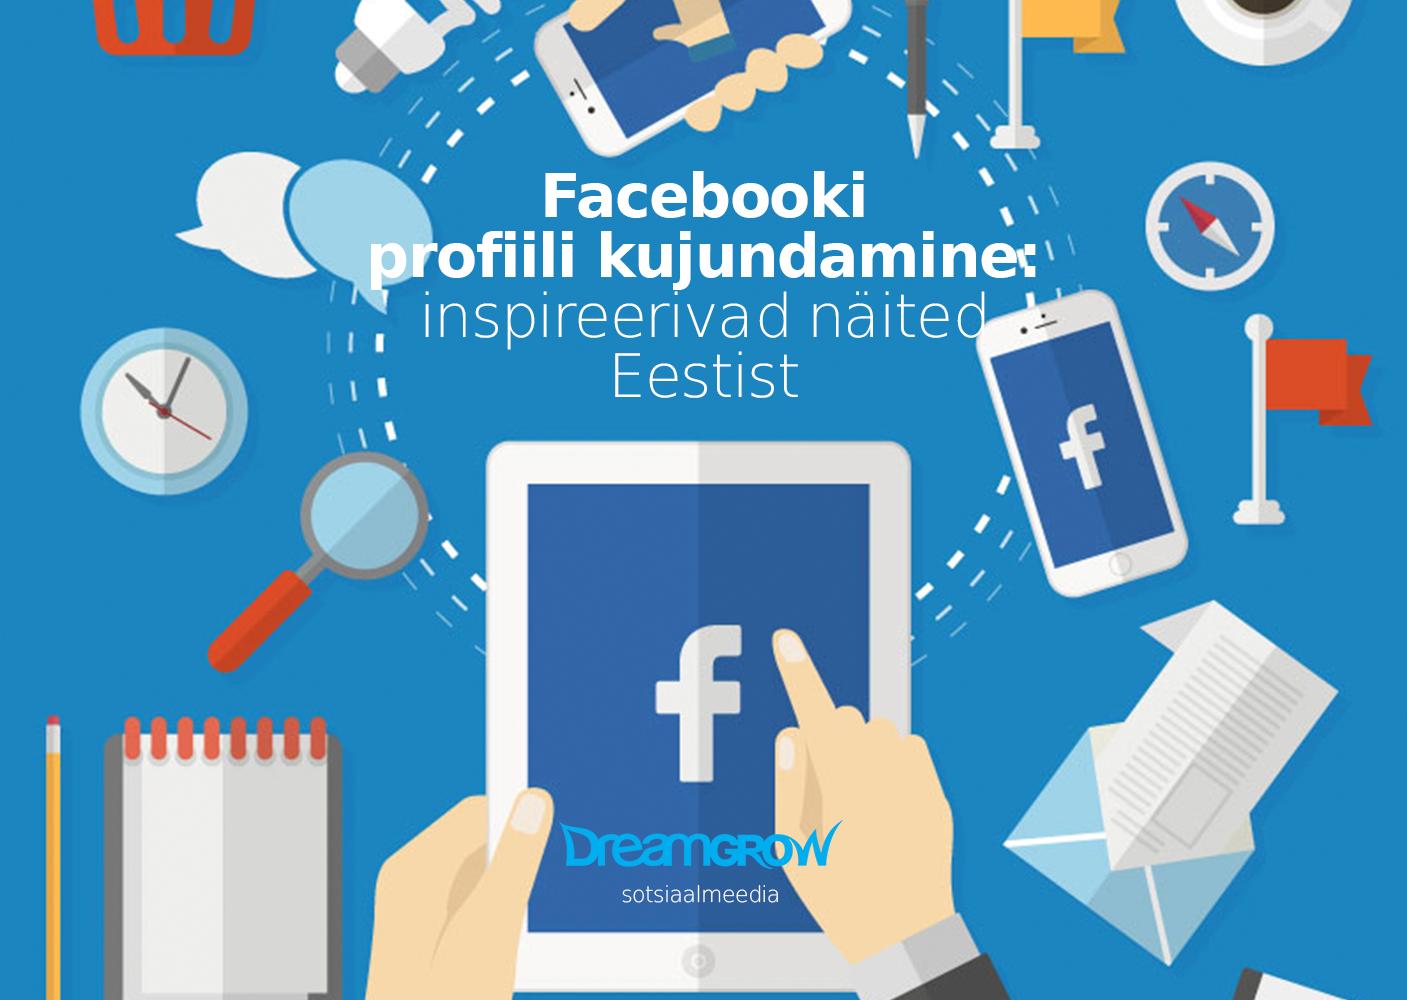 facebooki-profiili-kujundamine